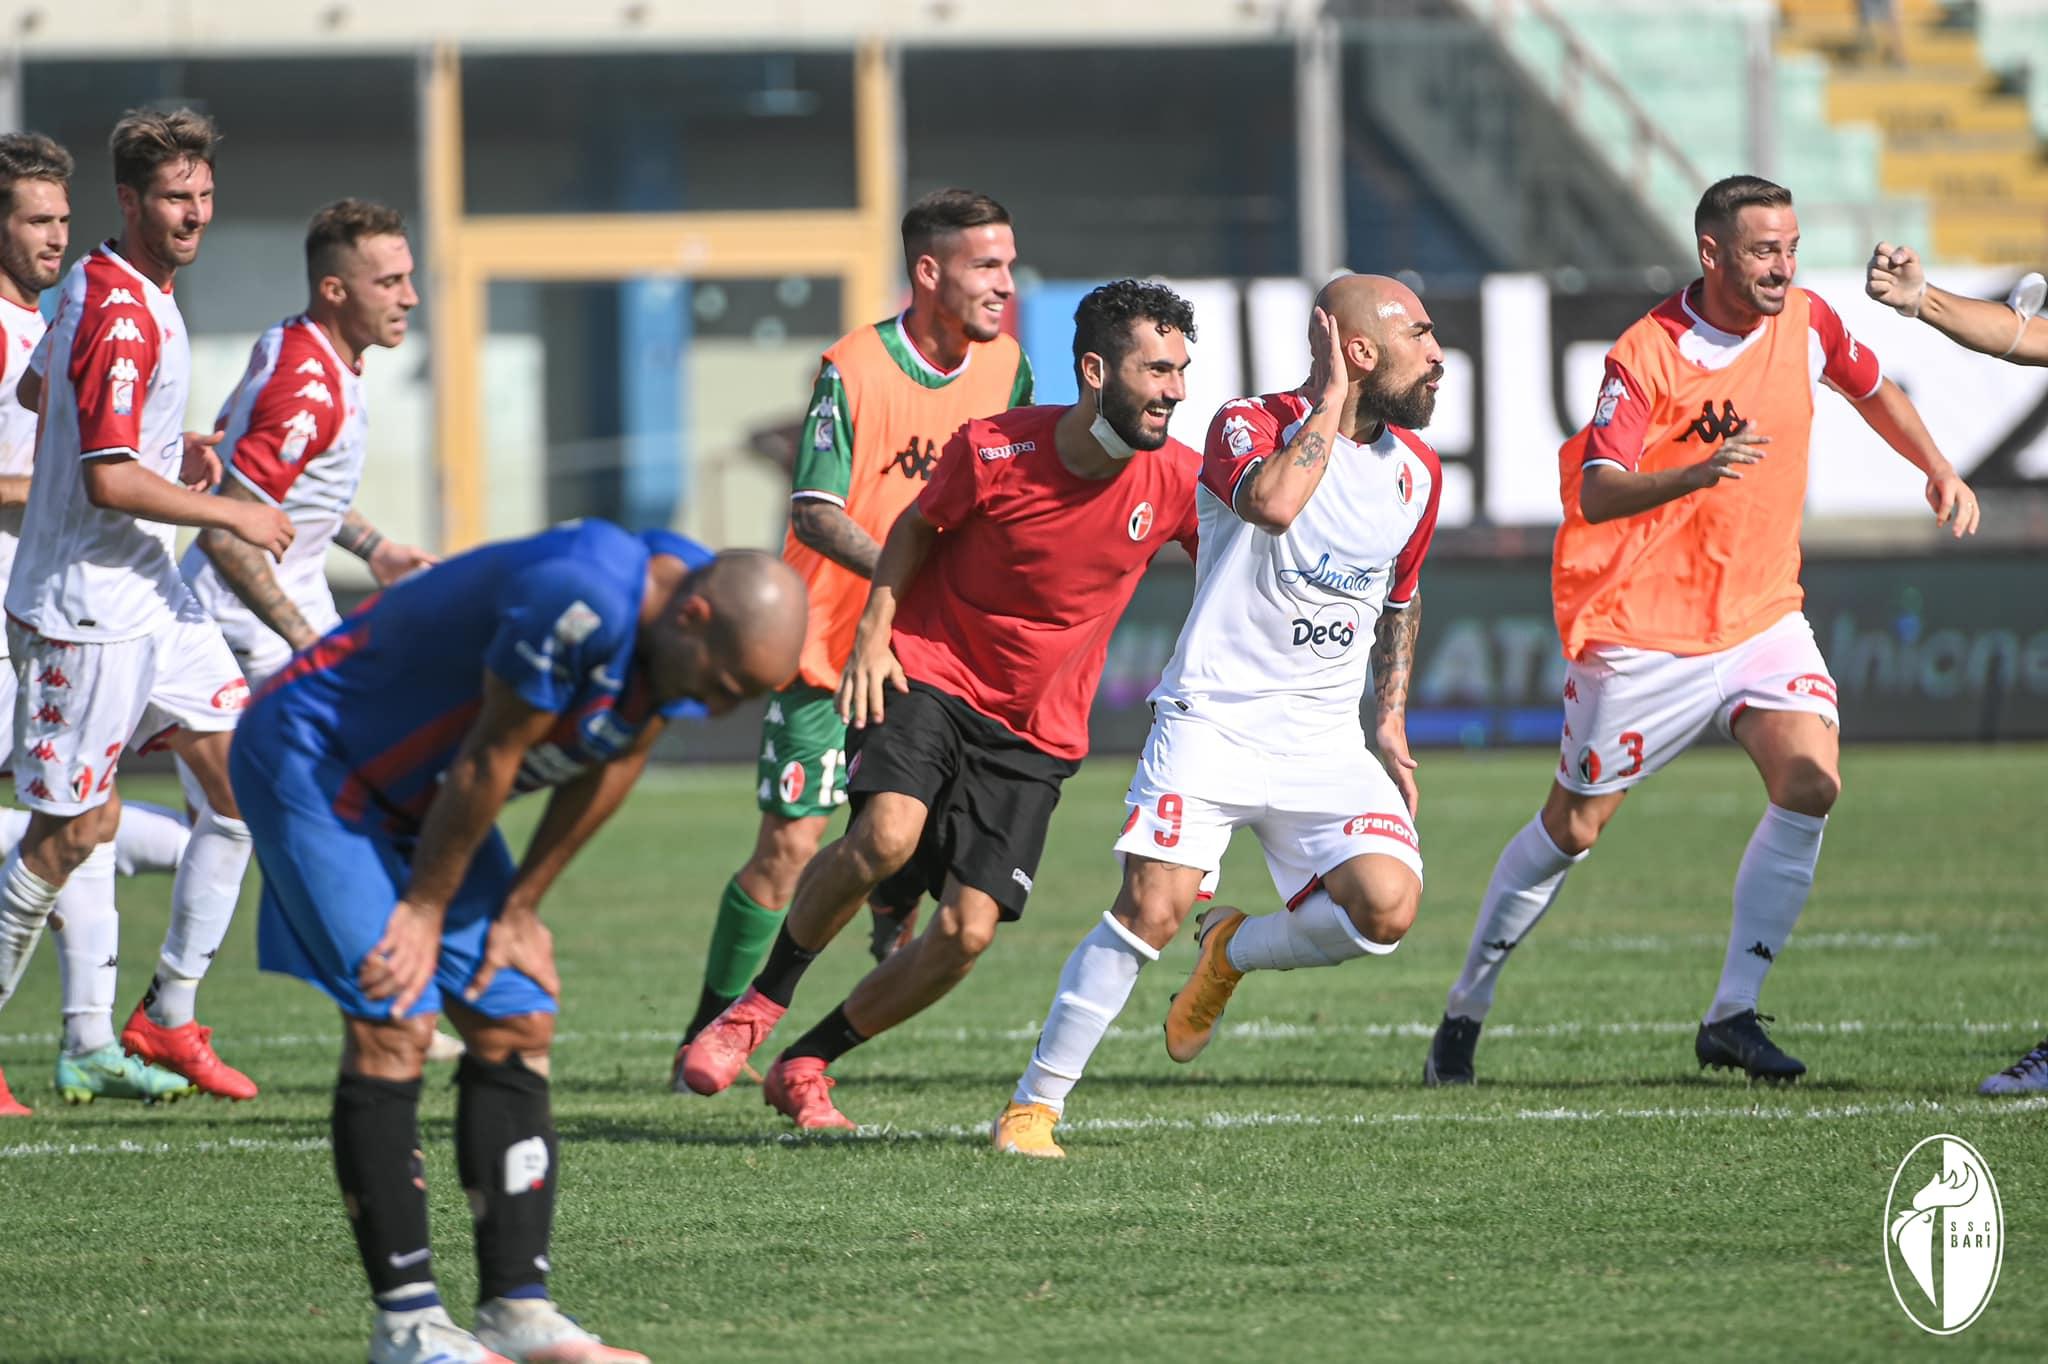 Serie C, 5^ giornata: big match Foggia-Juve Stabia, Catanzaro e Bari impegni casalinghi